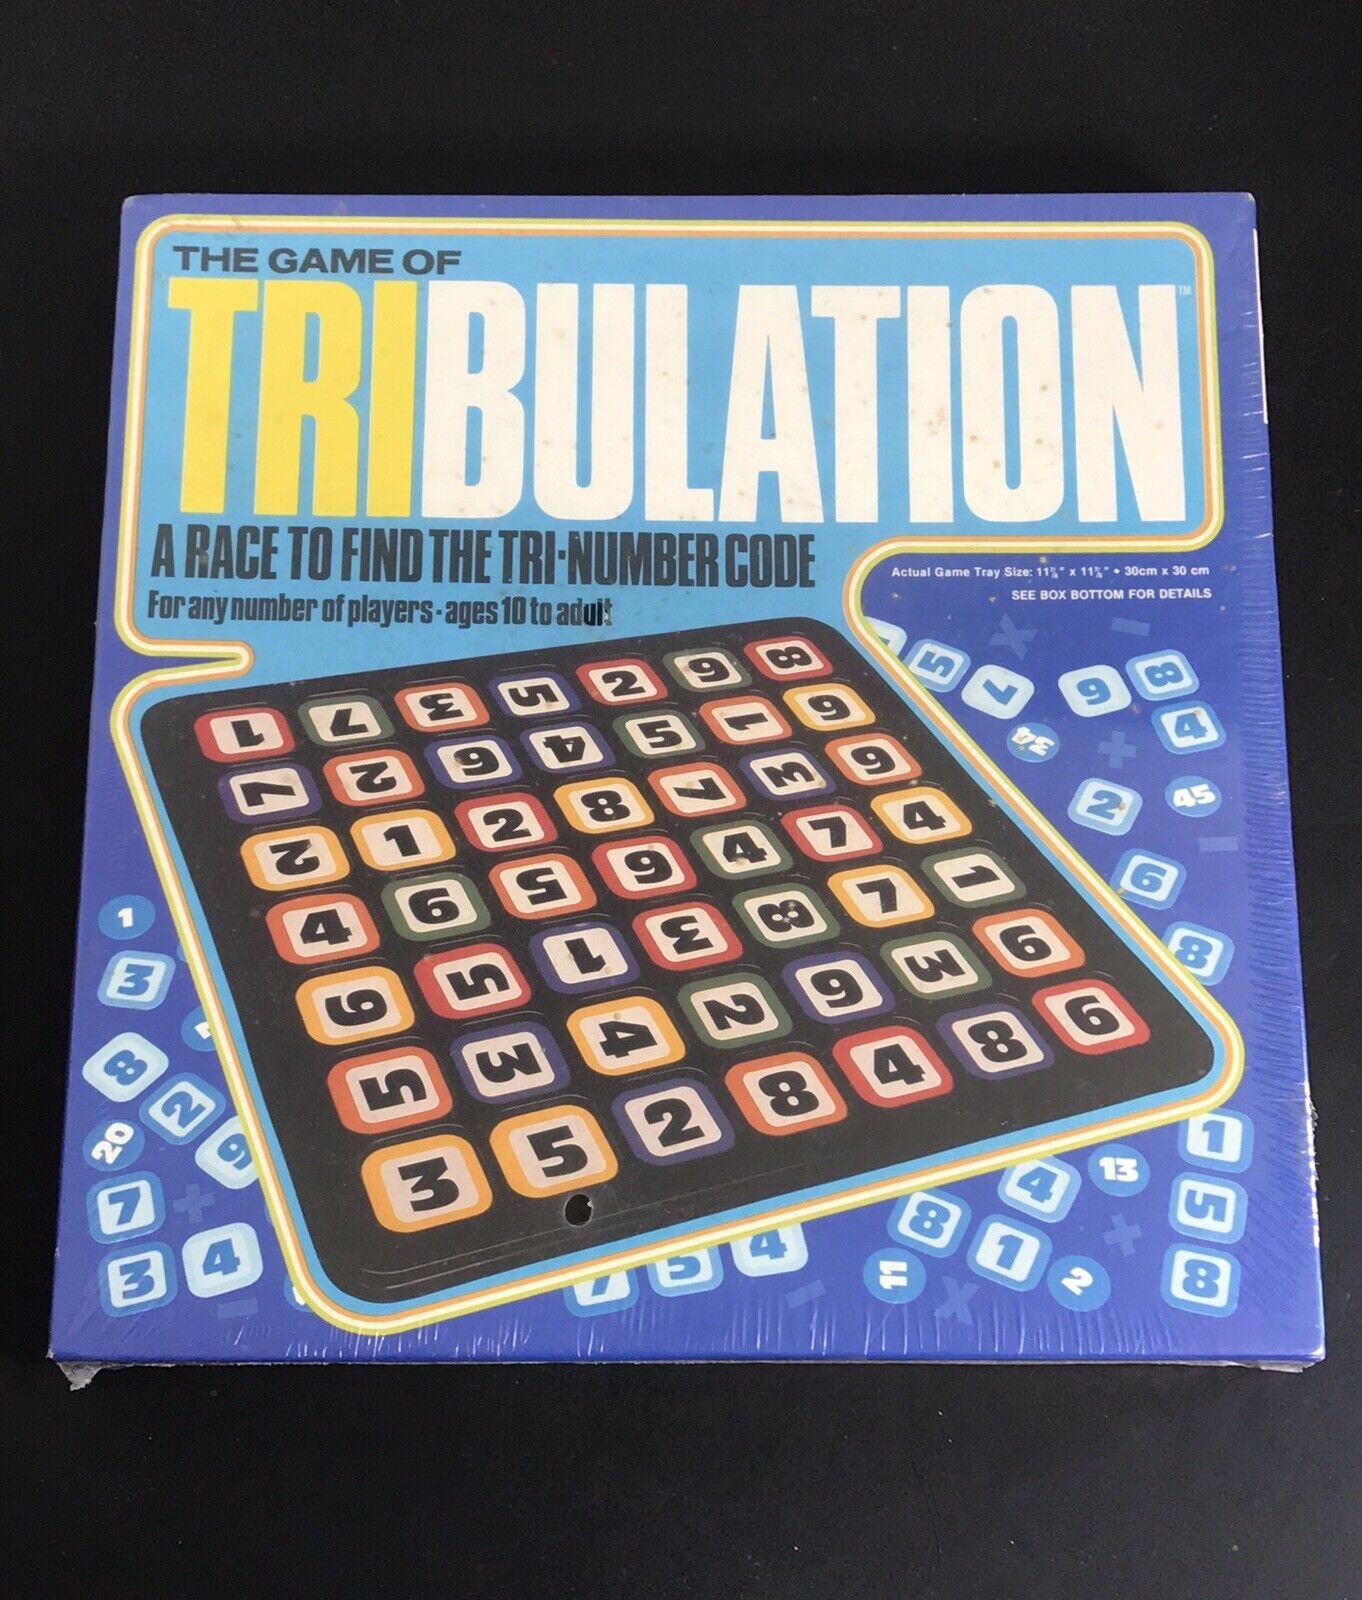 fino al 60% di sconto Vintage The gioco of Tribulation 1981 1981 1981 tavola gioco  spedizione gratuita in tutto il mondo